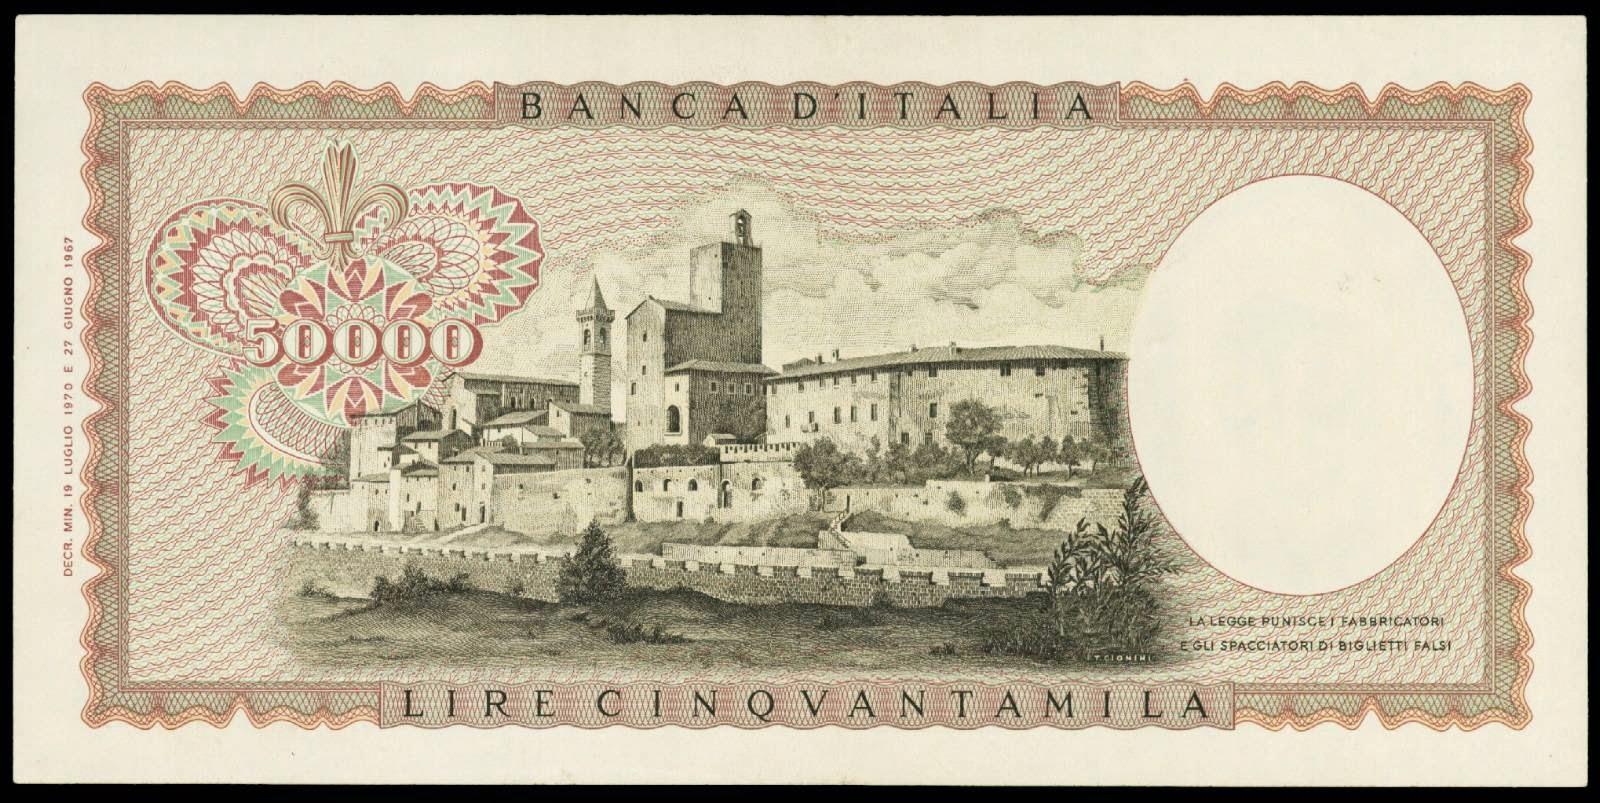 Italy 50000 Lira note 1977